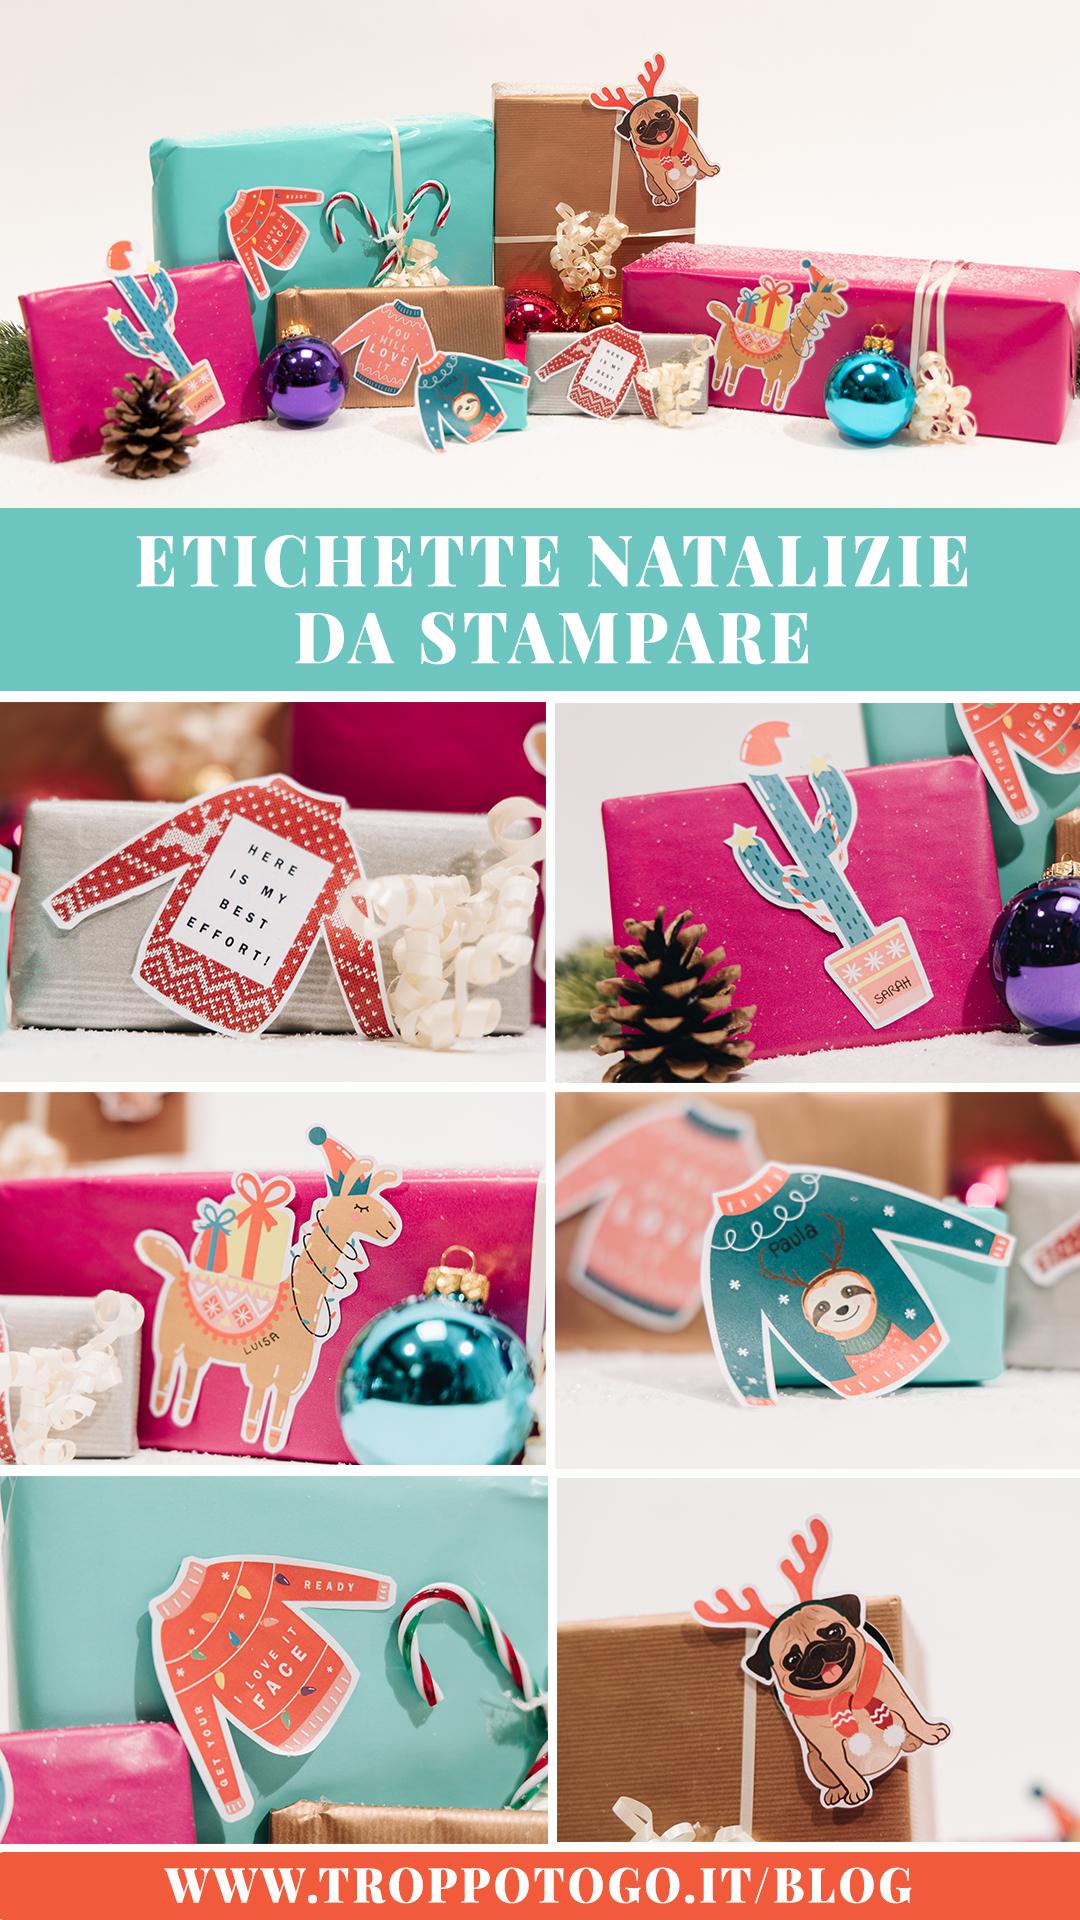 Etichette Natalizie Da Stampare etichette natalizie divertenti da stampare